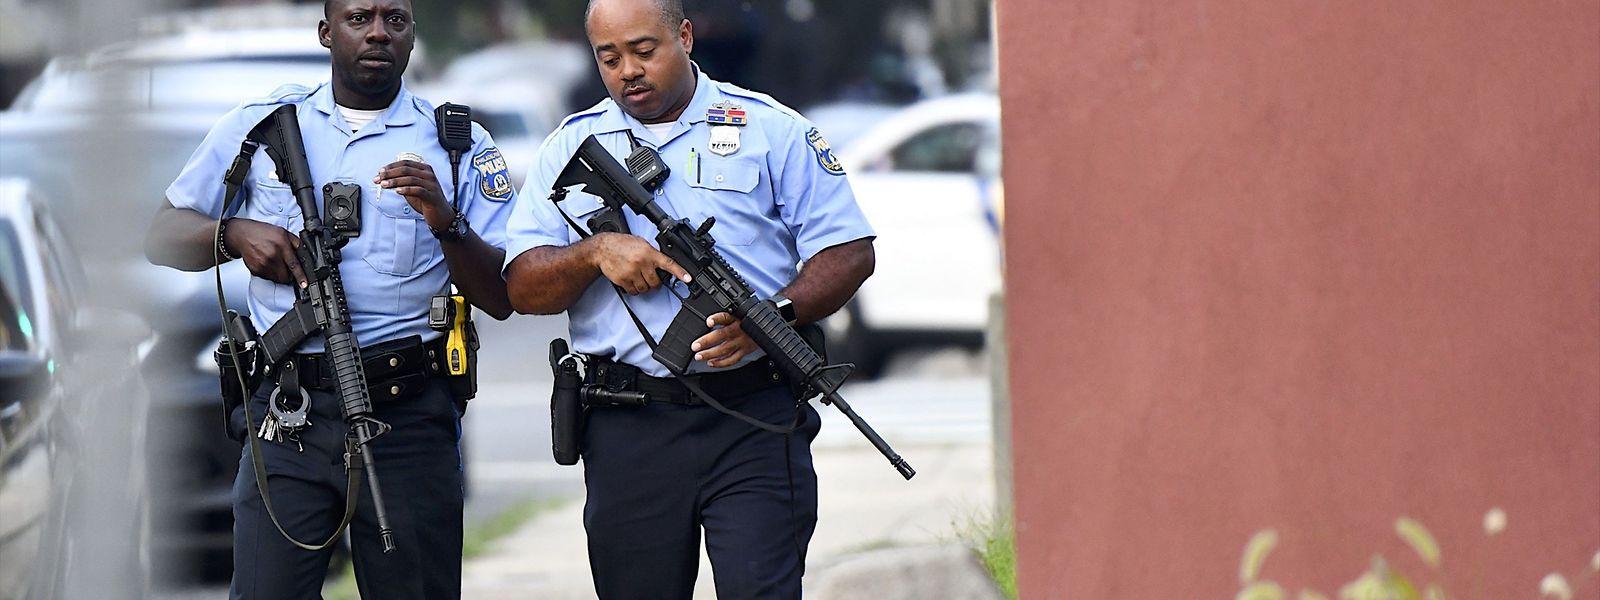 Bei einer Polizeiaktion am Mittwoch hatte ein Mann das Feuer auf die Beamten eröffnet und dabei sechs Polizisten verletzt.